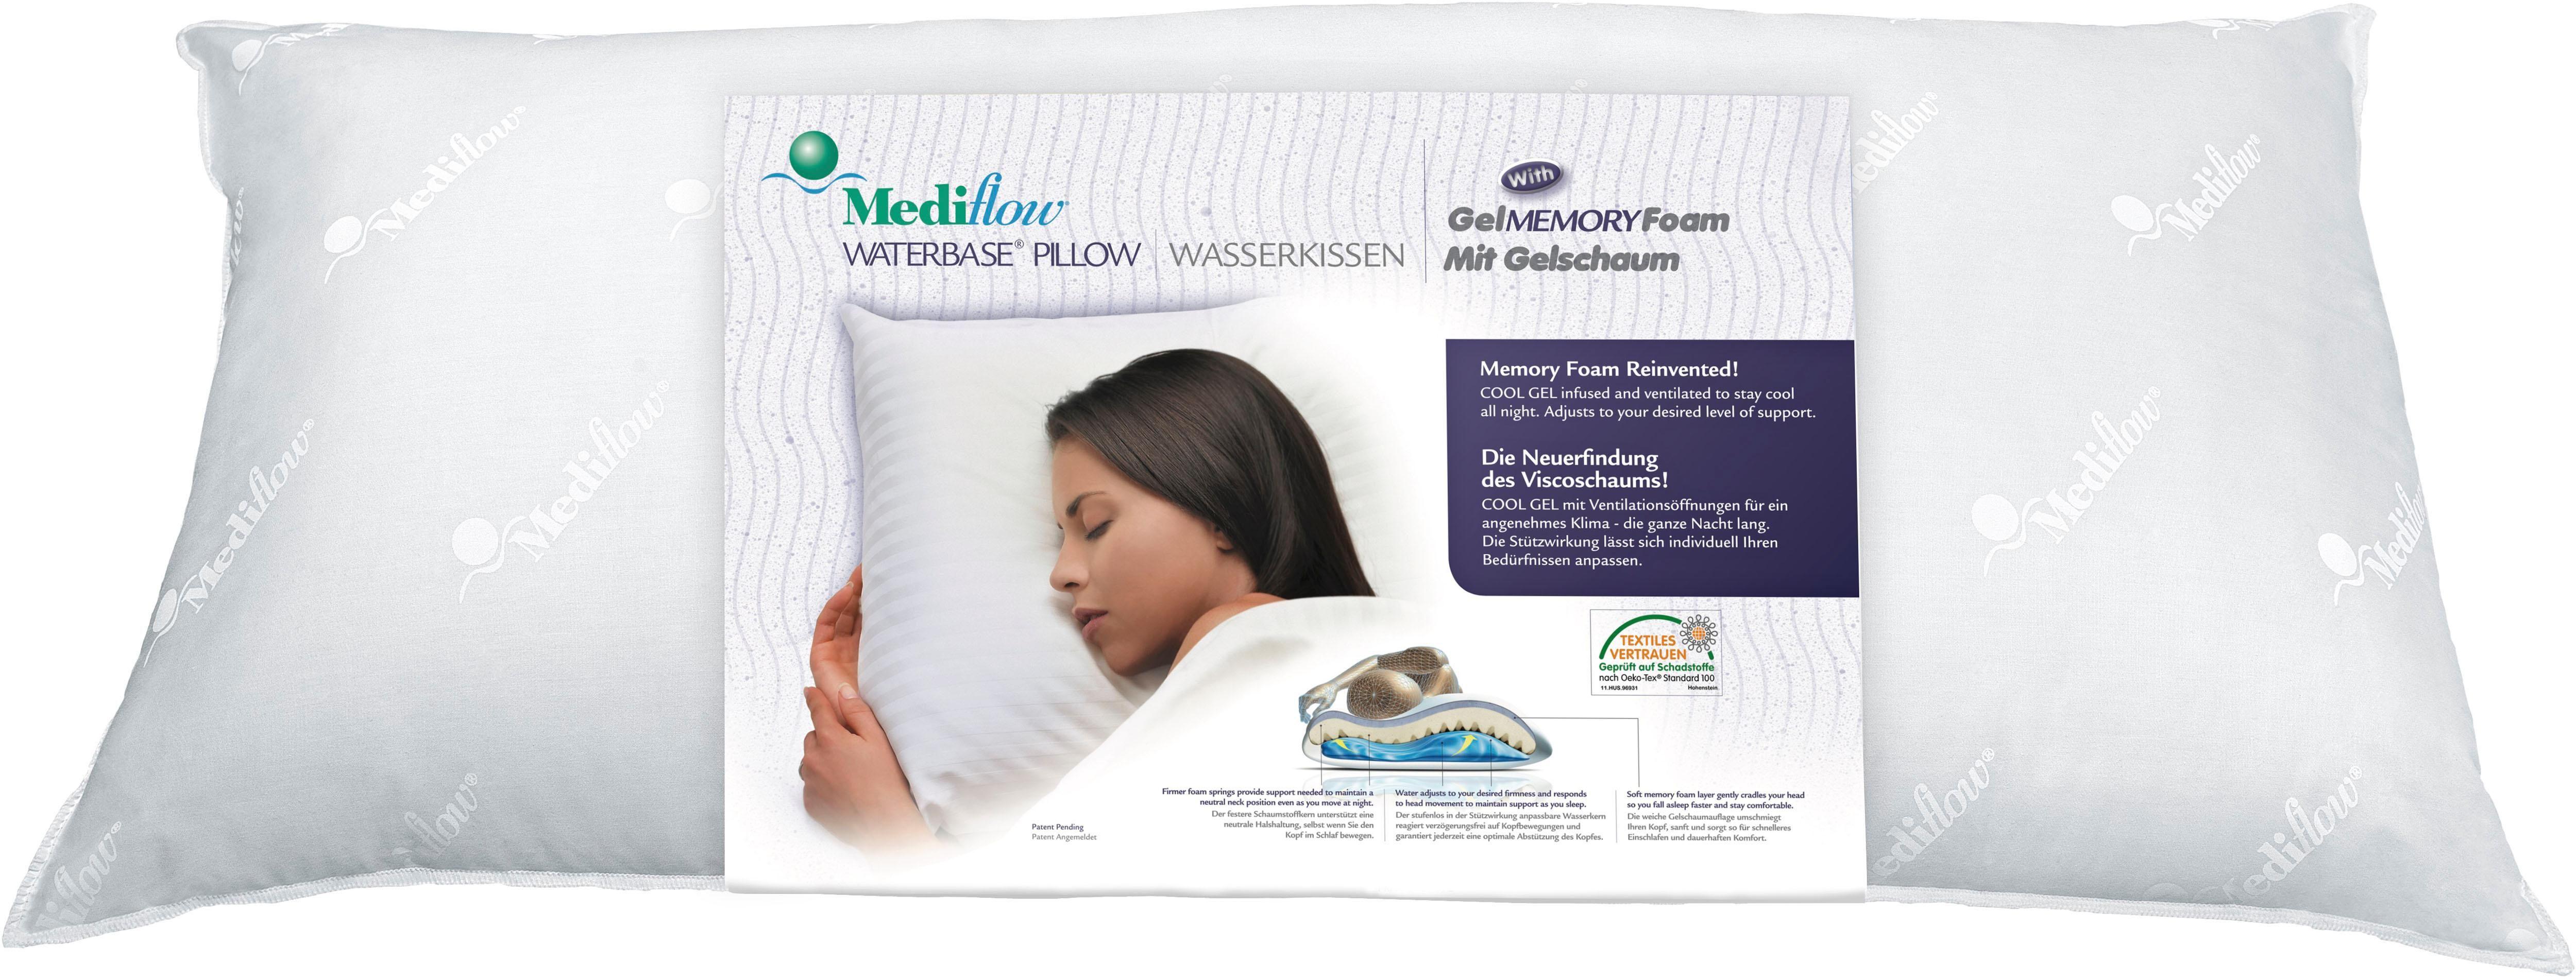 Wasserkissen Mediflow Original Visco Gelschaum Wasserkissen 5007 50x70cm Mediflow Bezug 100 Baumwolle Wasserkissen Kissen Schaum